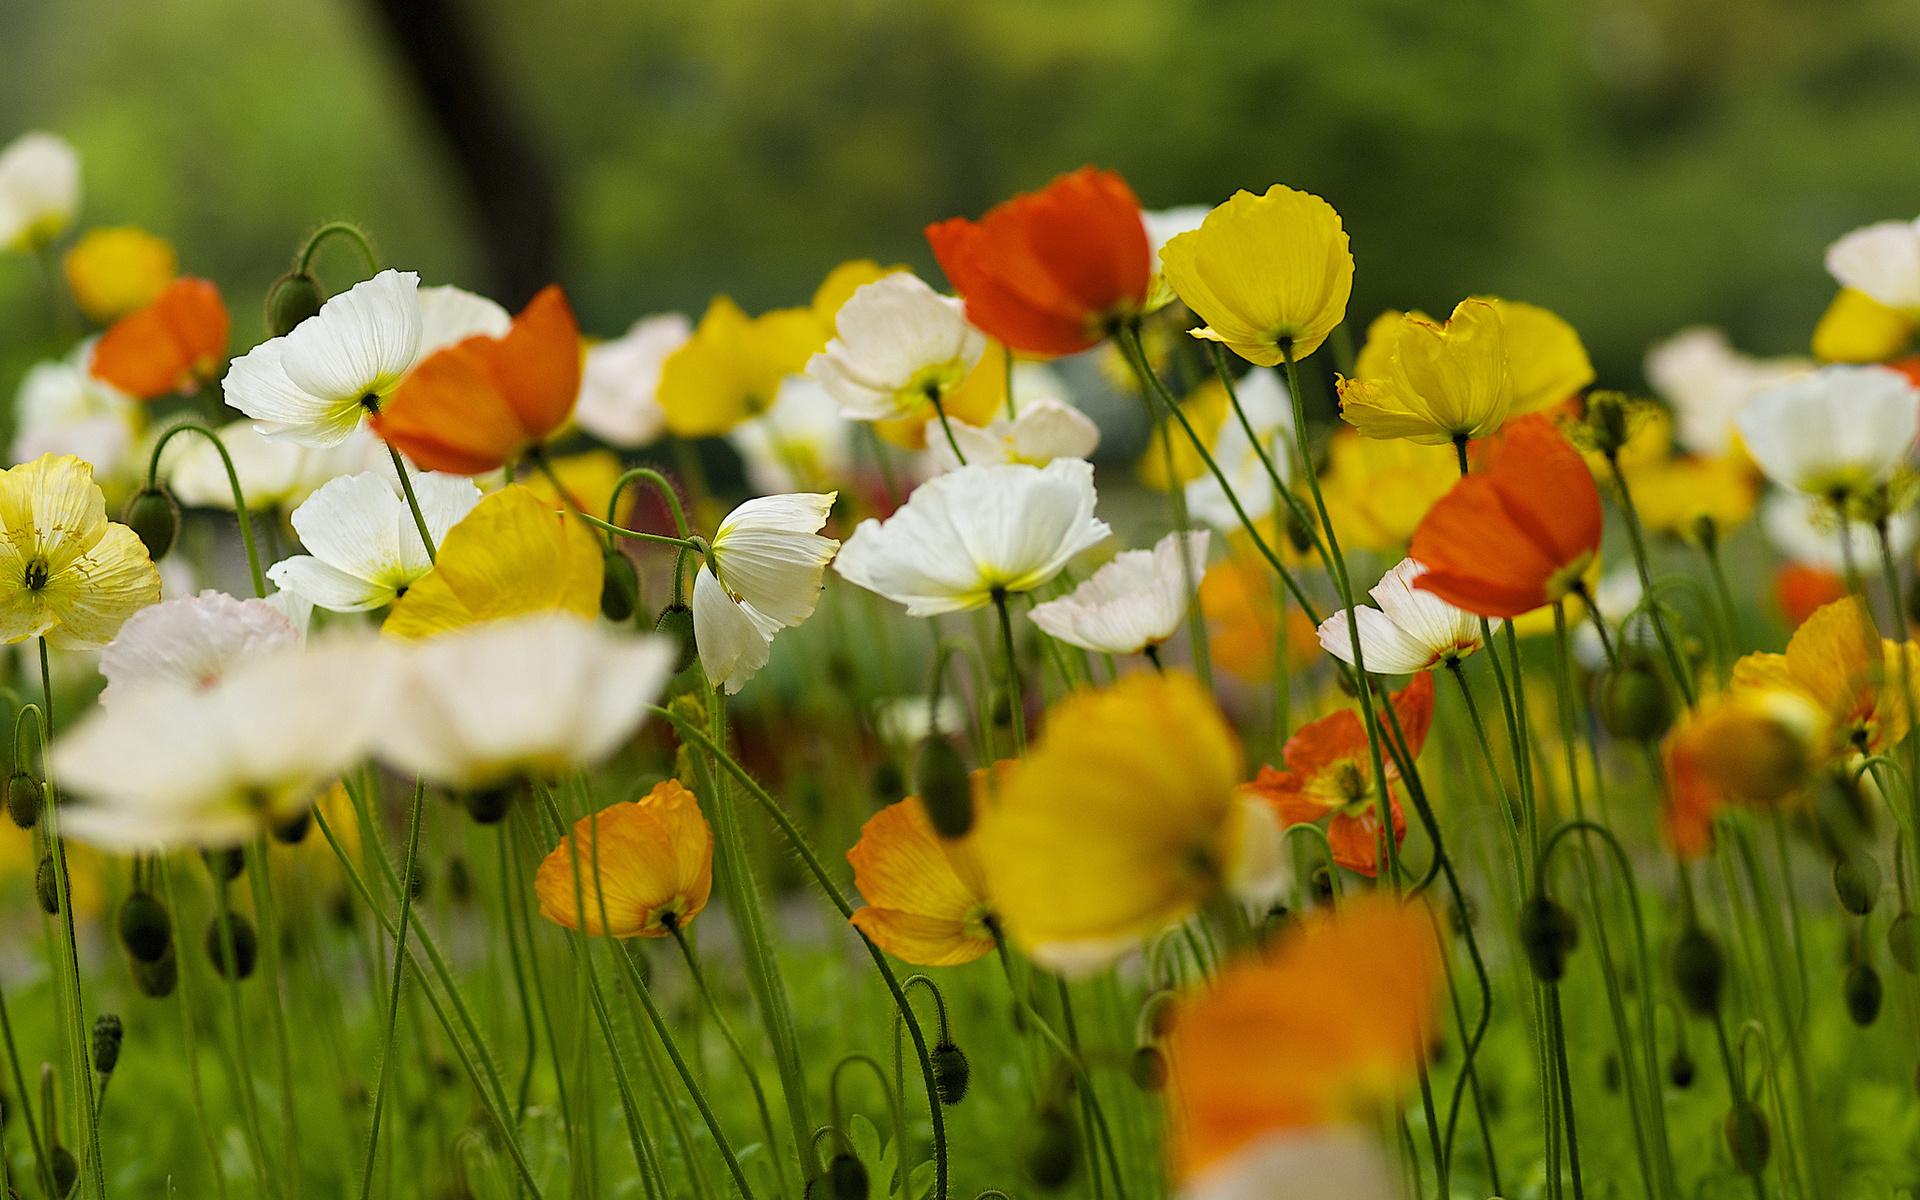 фотообои на рабочий стол лето цветы отверстие произвольной